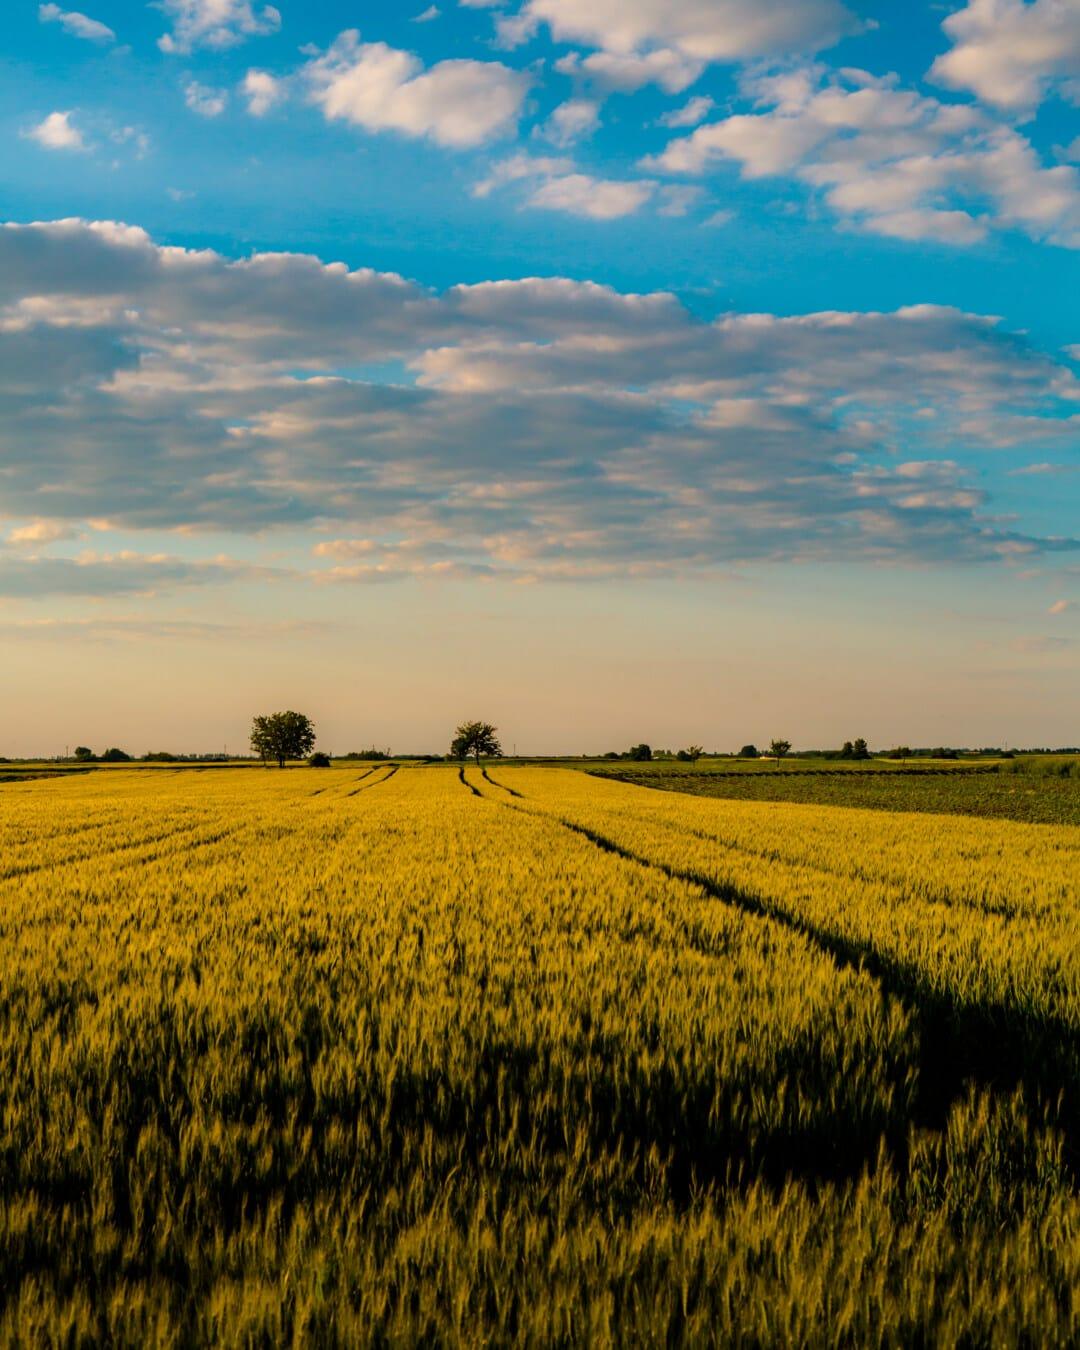 domaine, agricole, orge, ensoleillée, journée, rural, paysage, blé, Agriculture, coucher de soleil